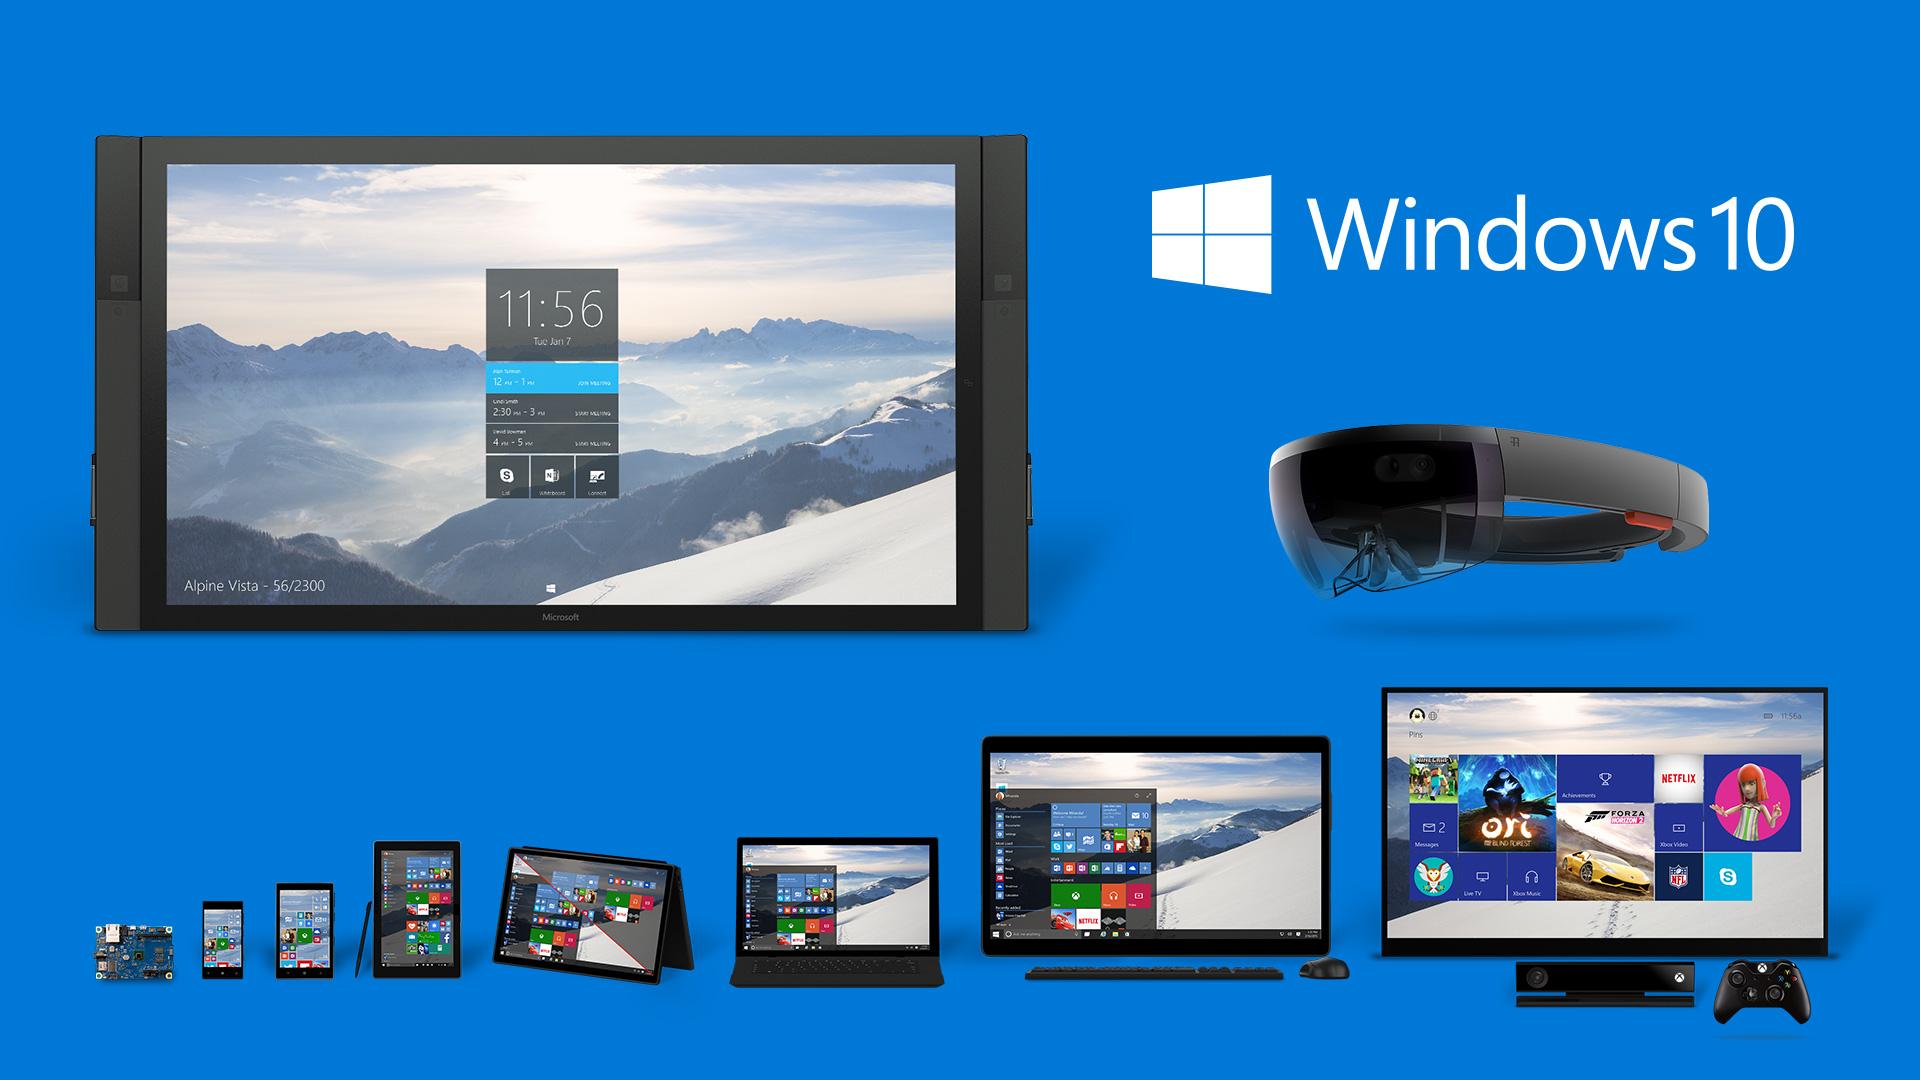 آماده سازی PC ها برای نصب ویندوز ۱۰ - حداقل سخت افزار برای نصب Windows 10